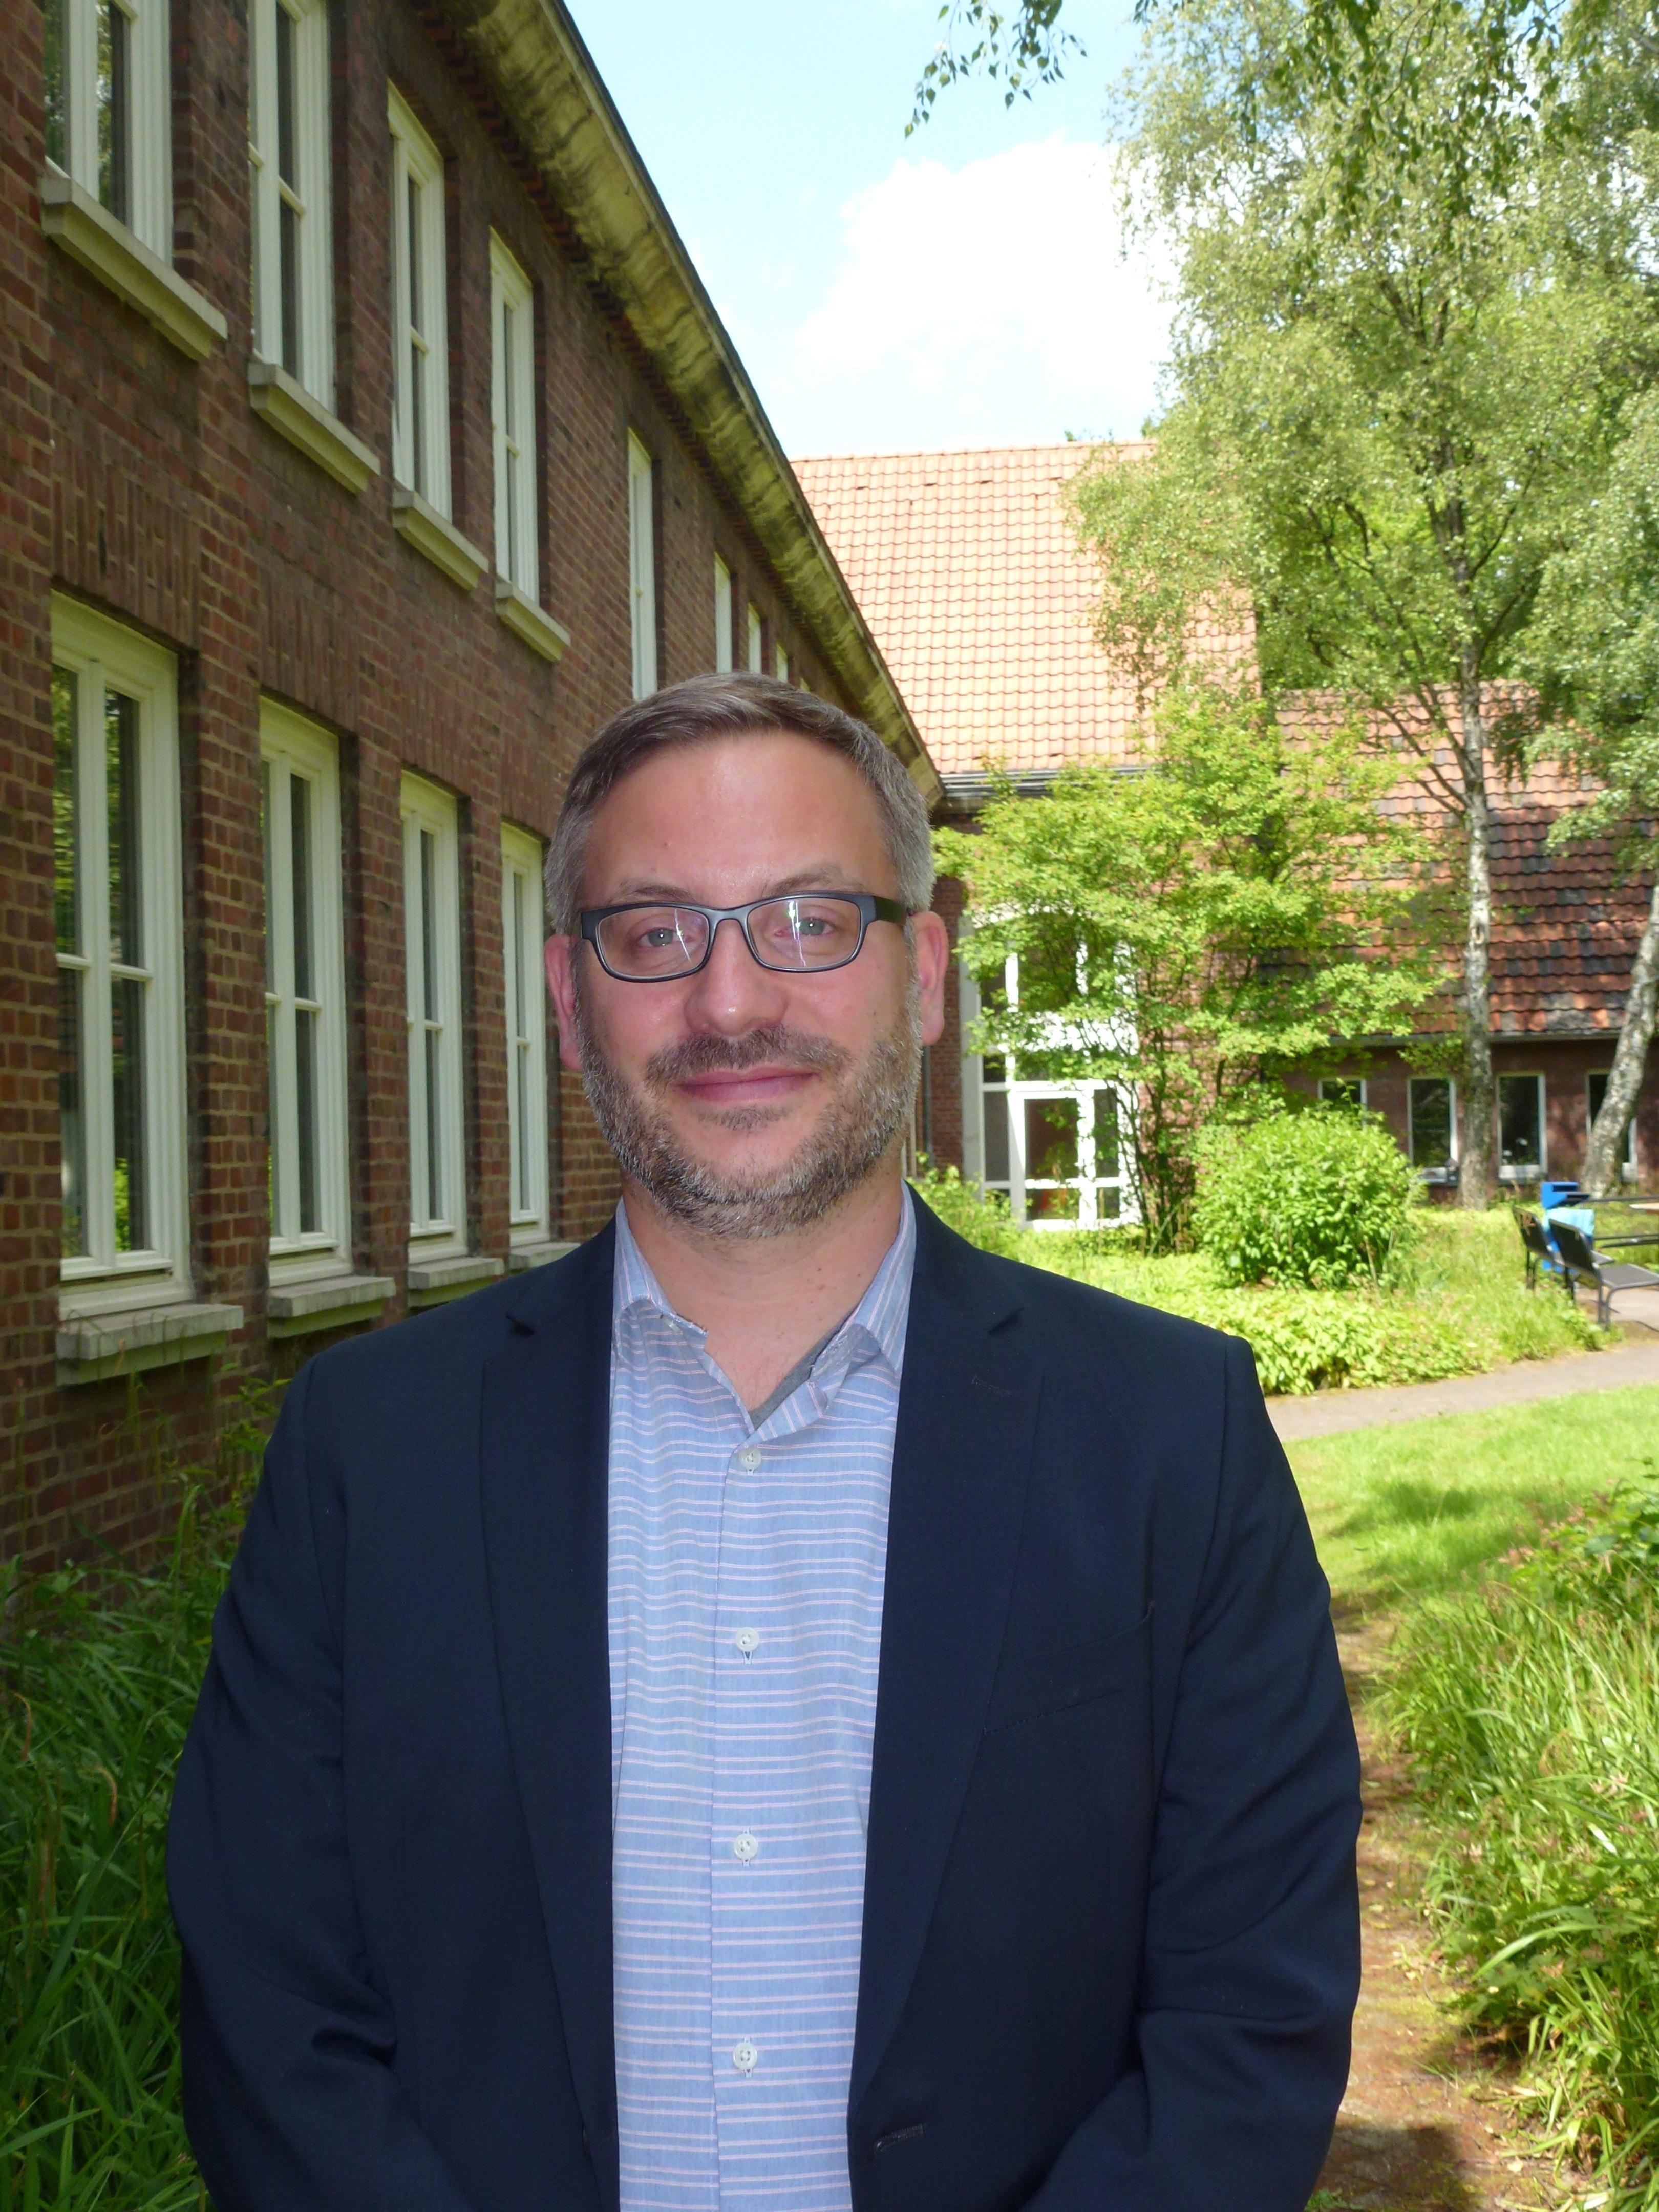 Nils Ringe, Ph.D.